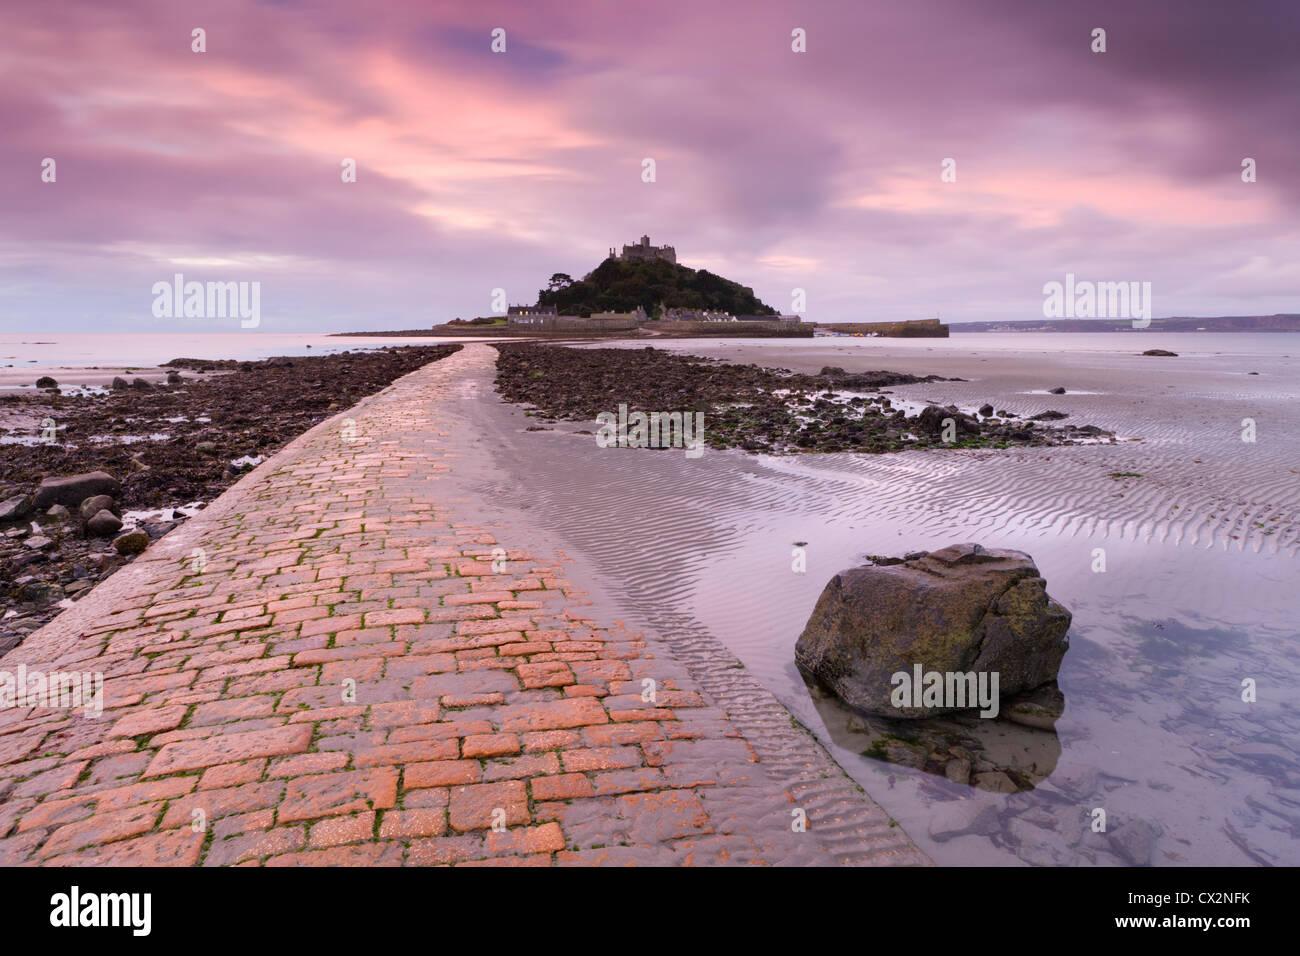 Causeway à marée basse, menant à St Michael's Mount, Cornwall, Angleterre. L'automne (octobre) Photo Stock